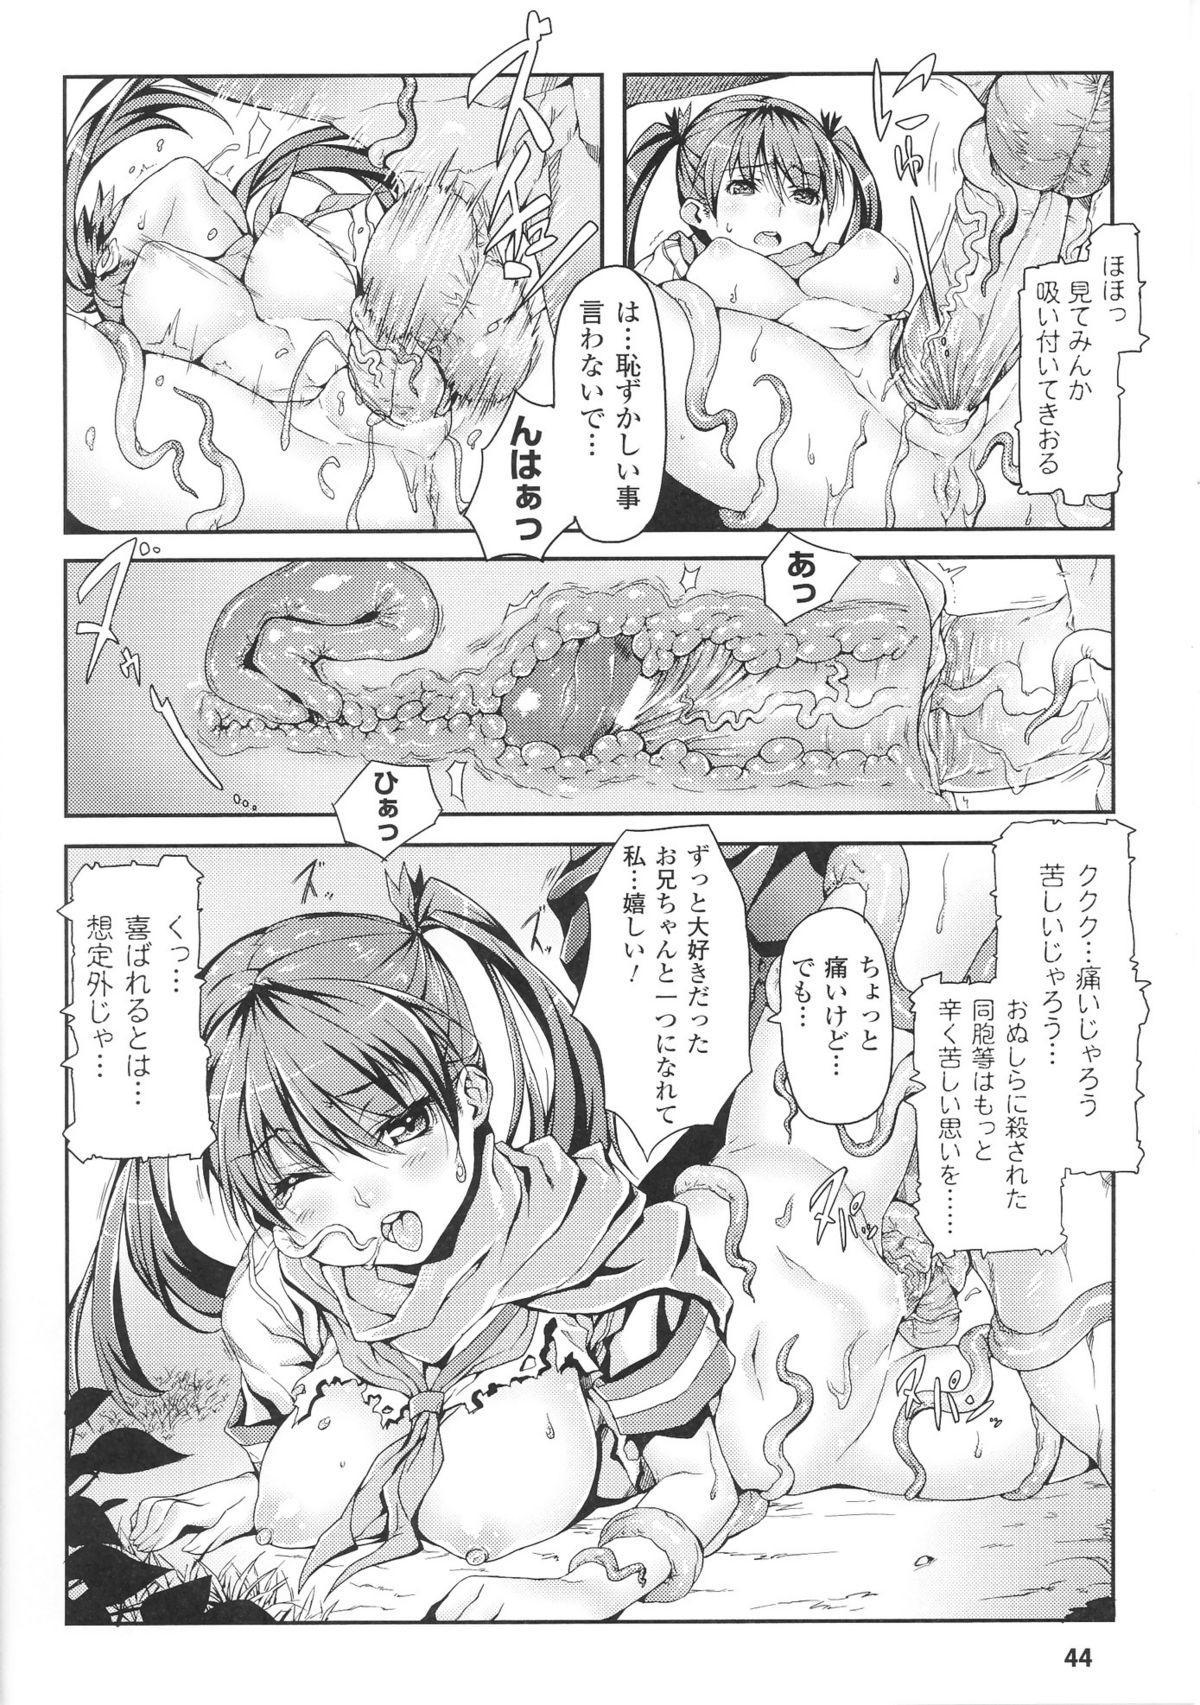 Toushin Engi Vol. 5 45